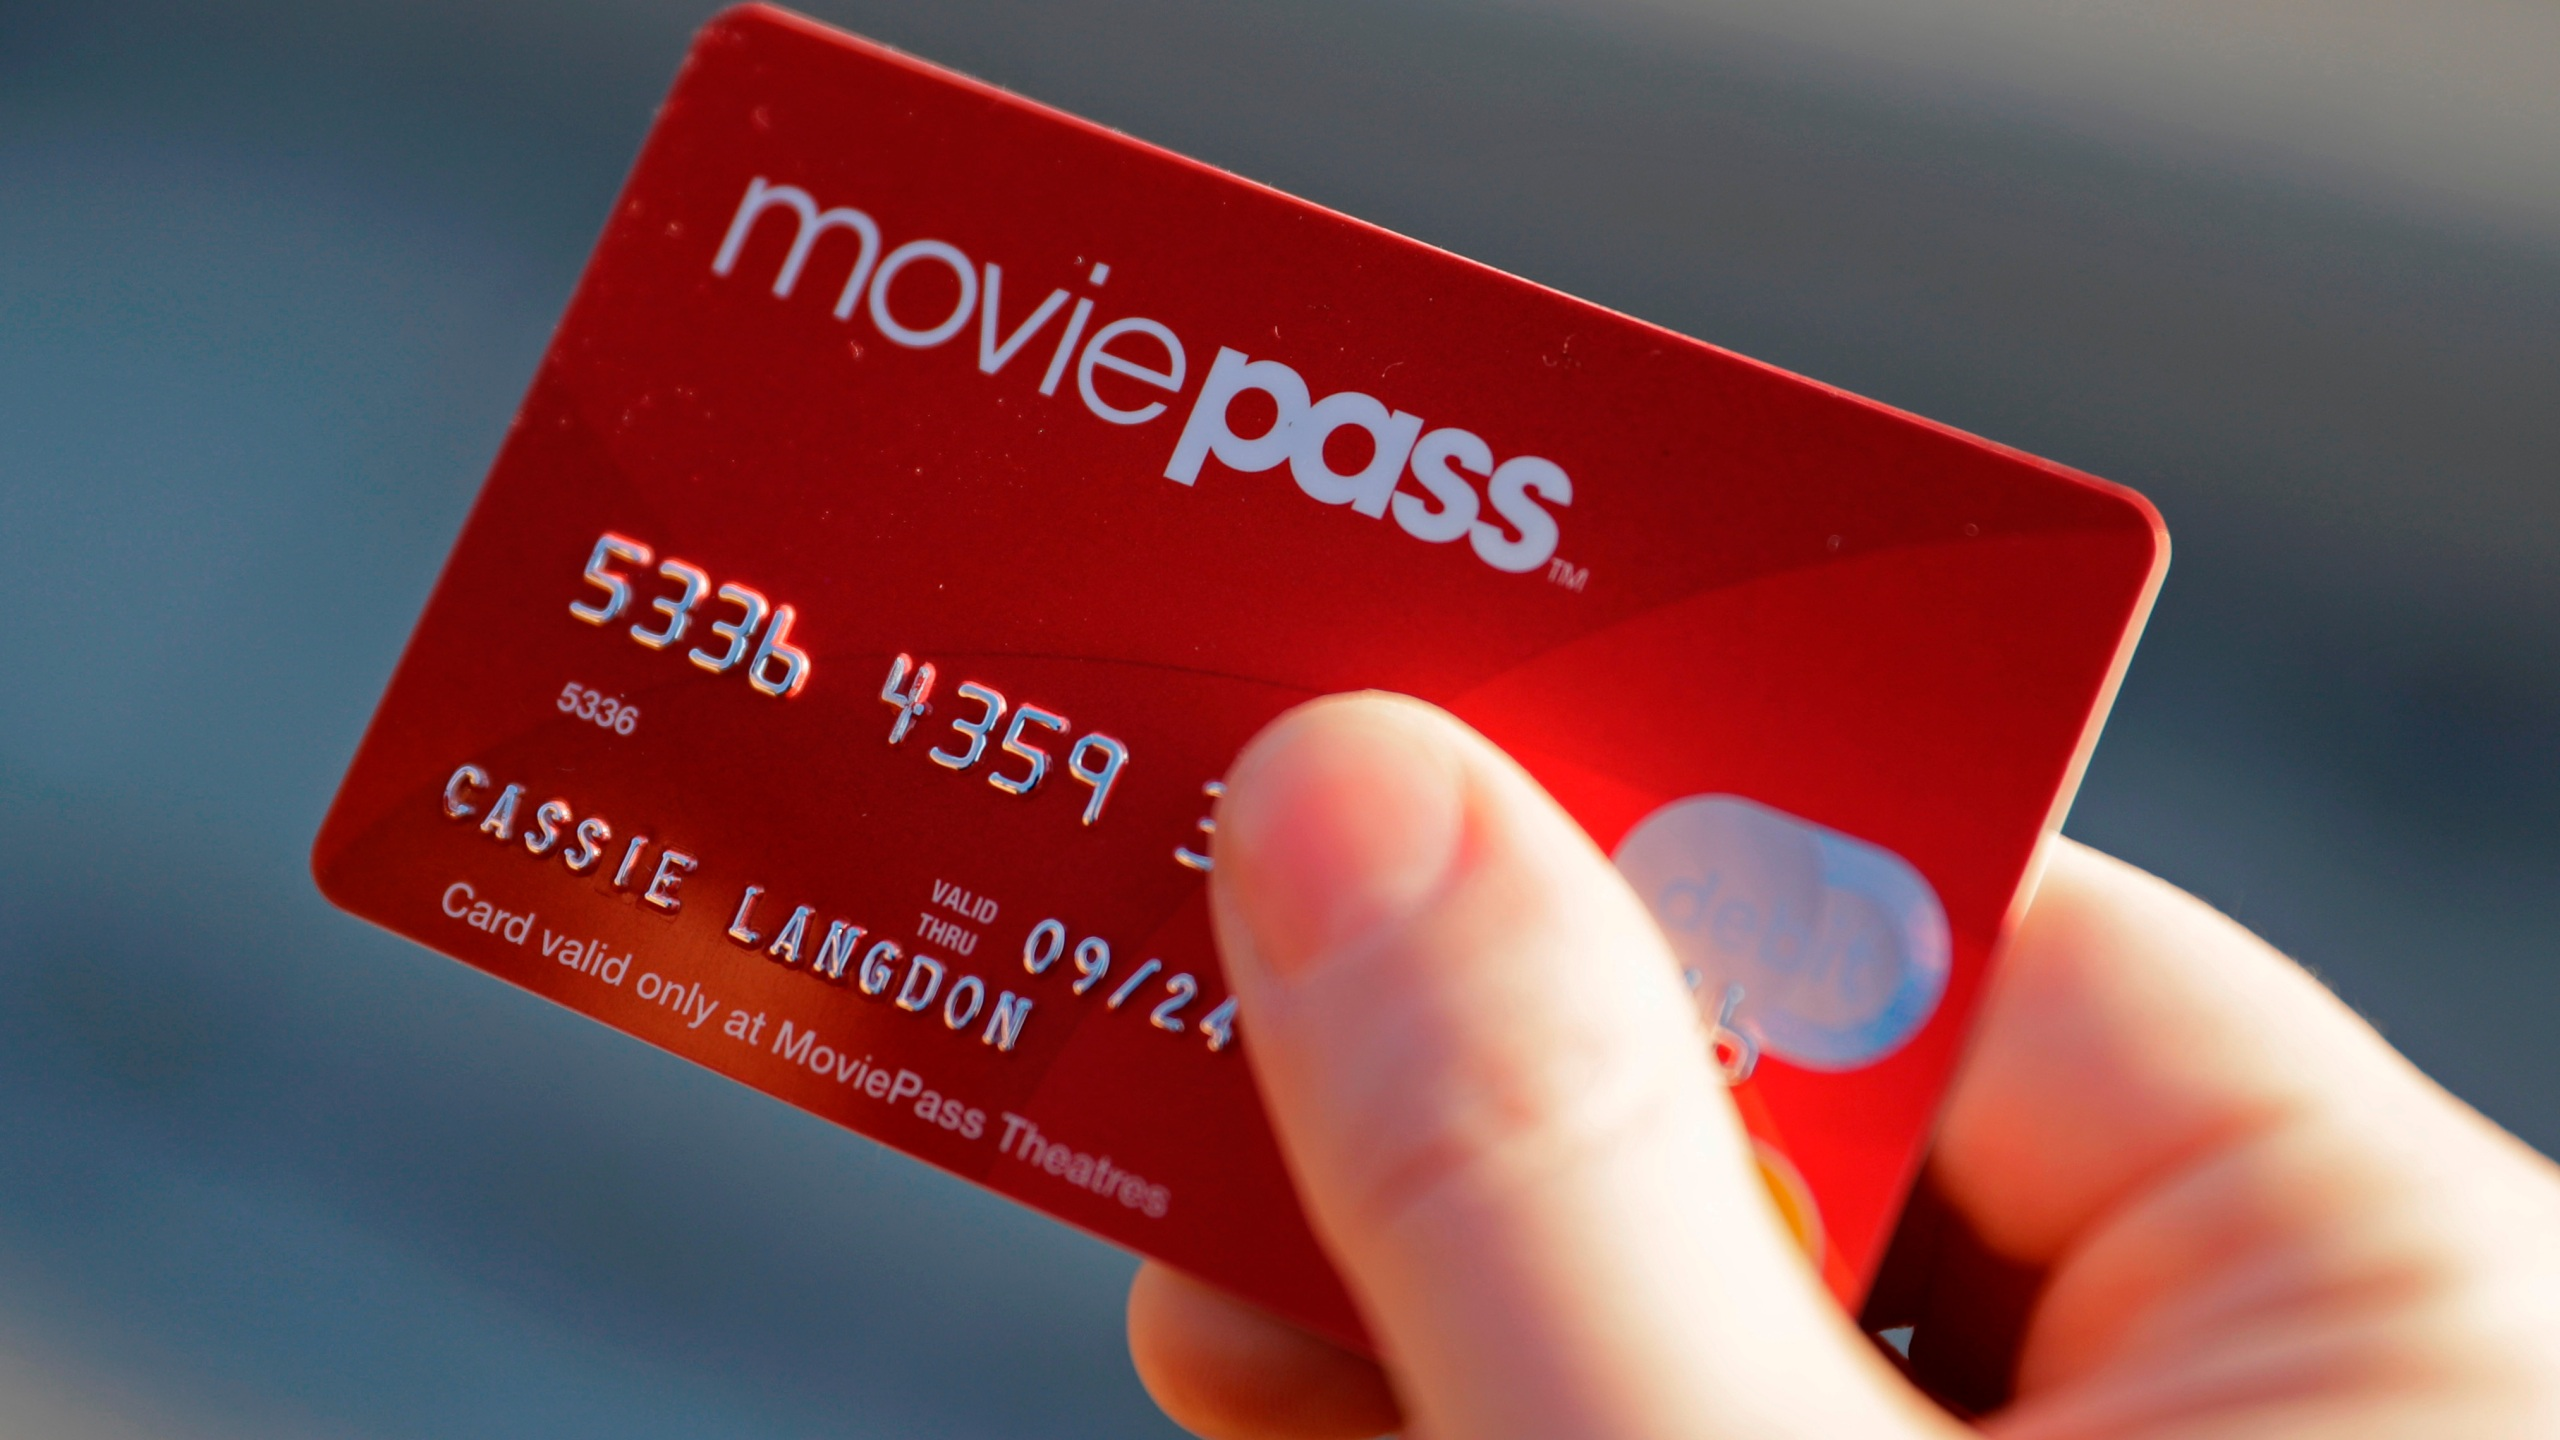 MoviePass_Plan_Change_20227-159532.jpg64441457